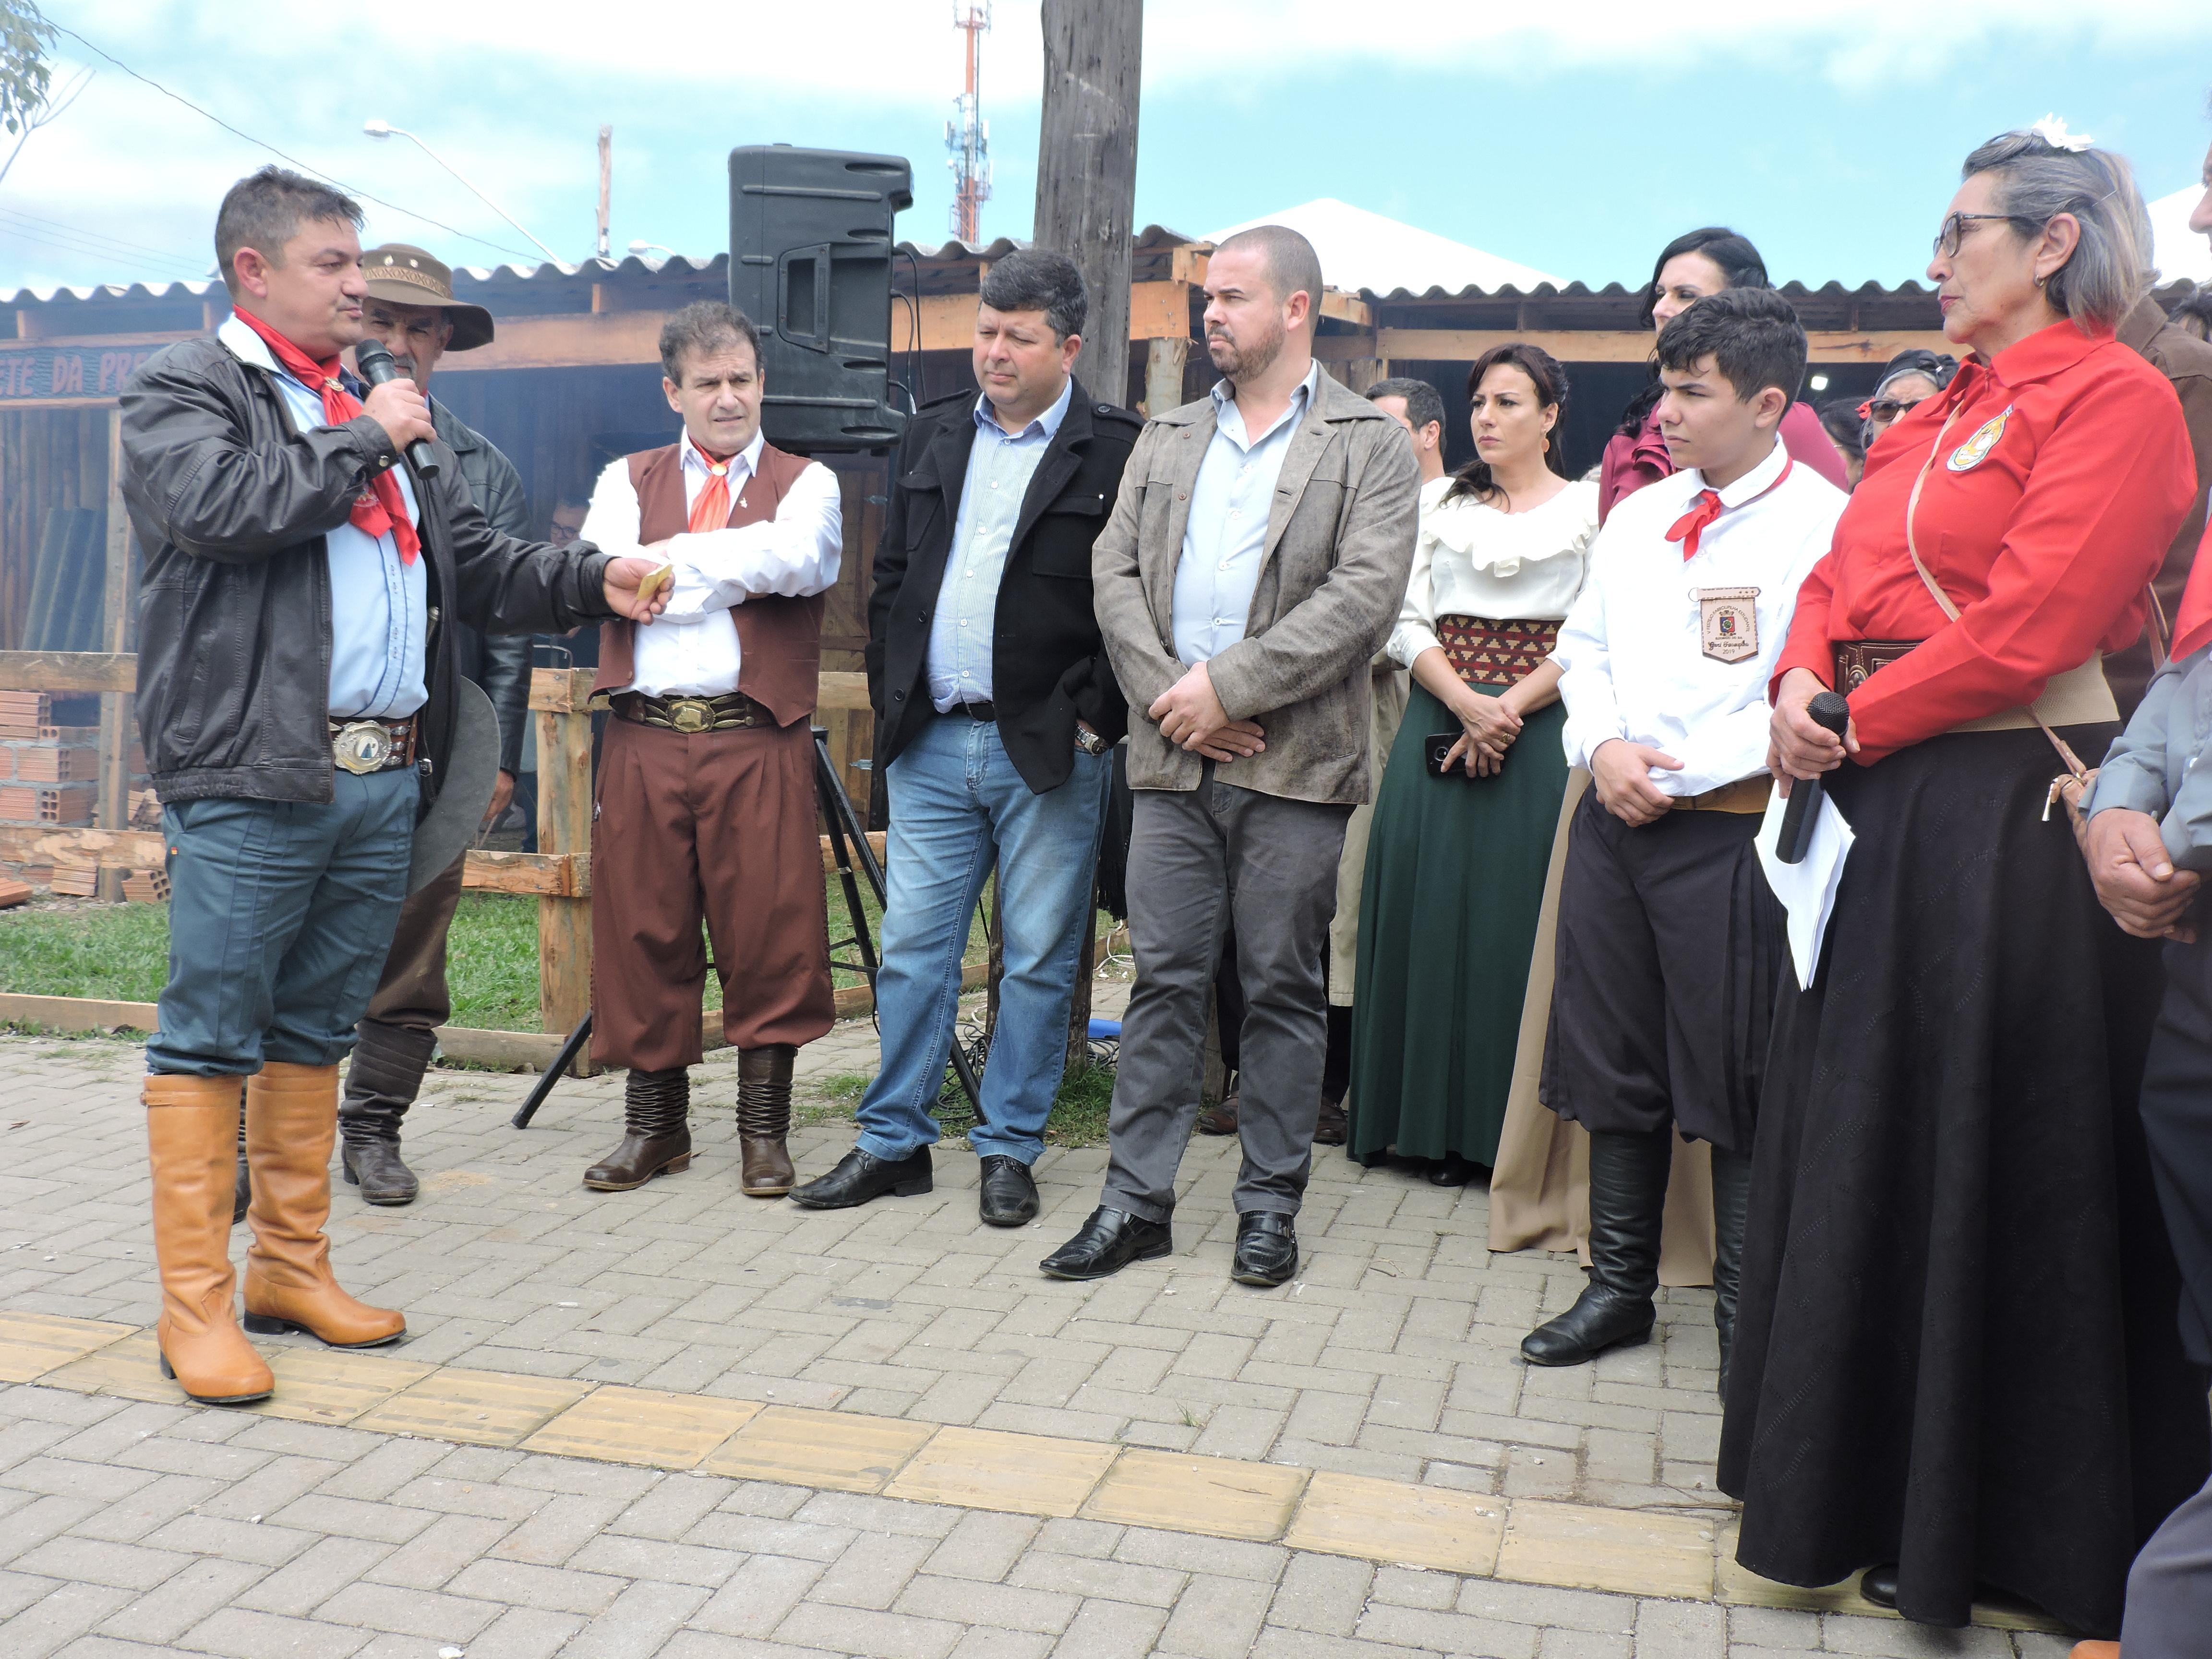 Legislativo participa da cerimônia de acendimento da Chama Crioula na abertura do 27° Acampamento Farroupilha de Eldorado do Sul